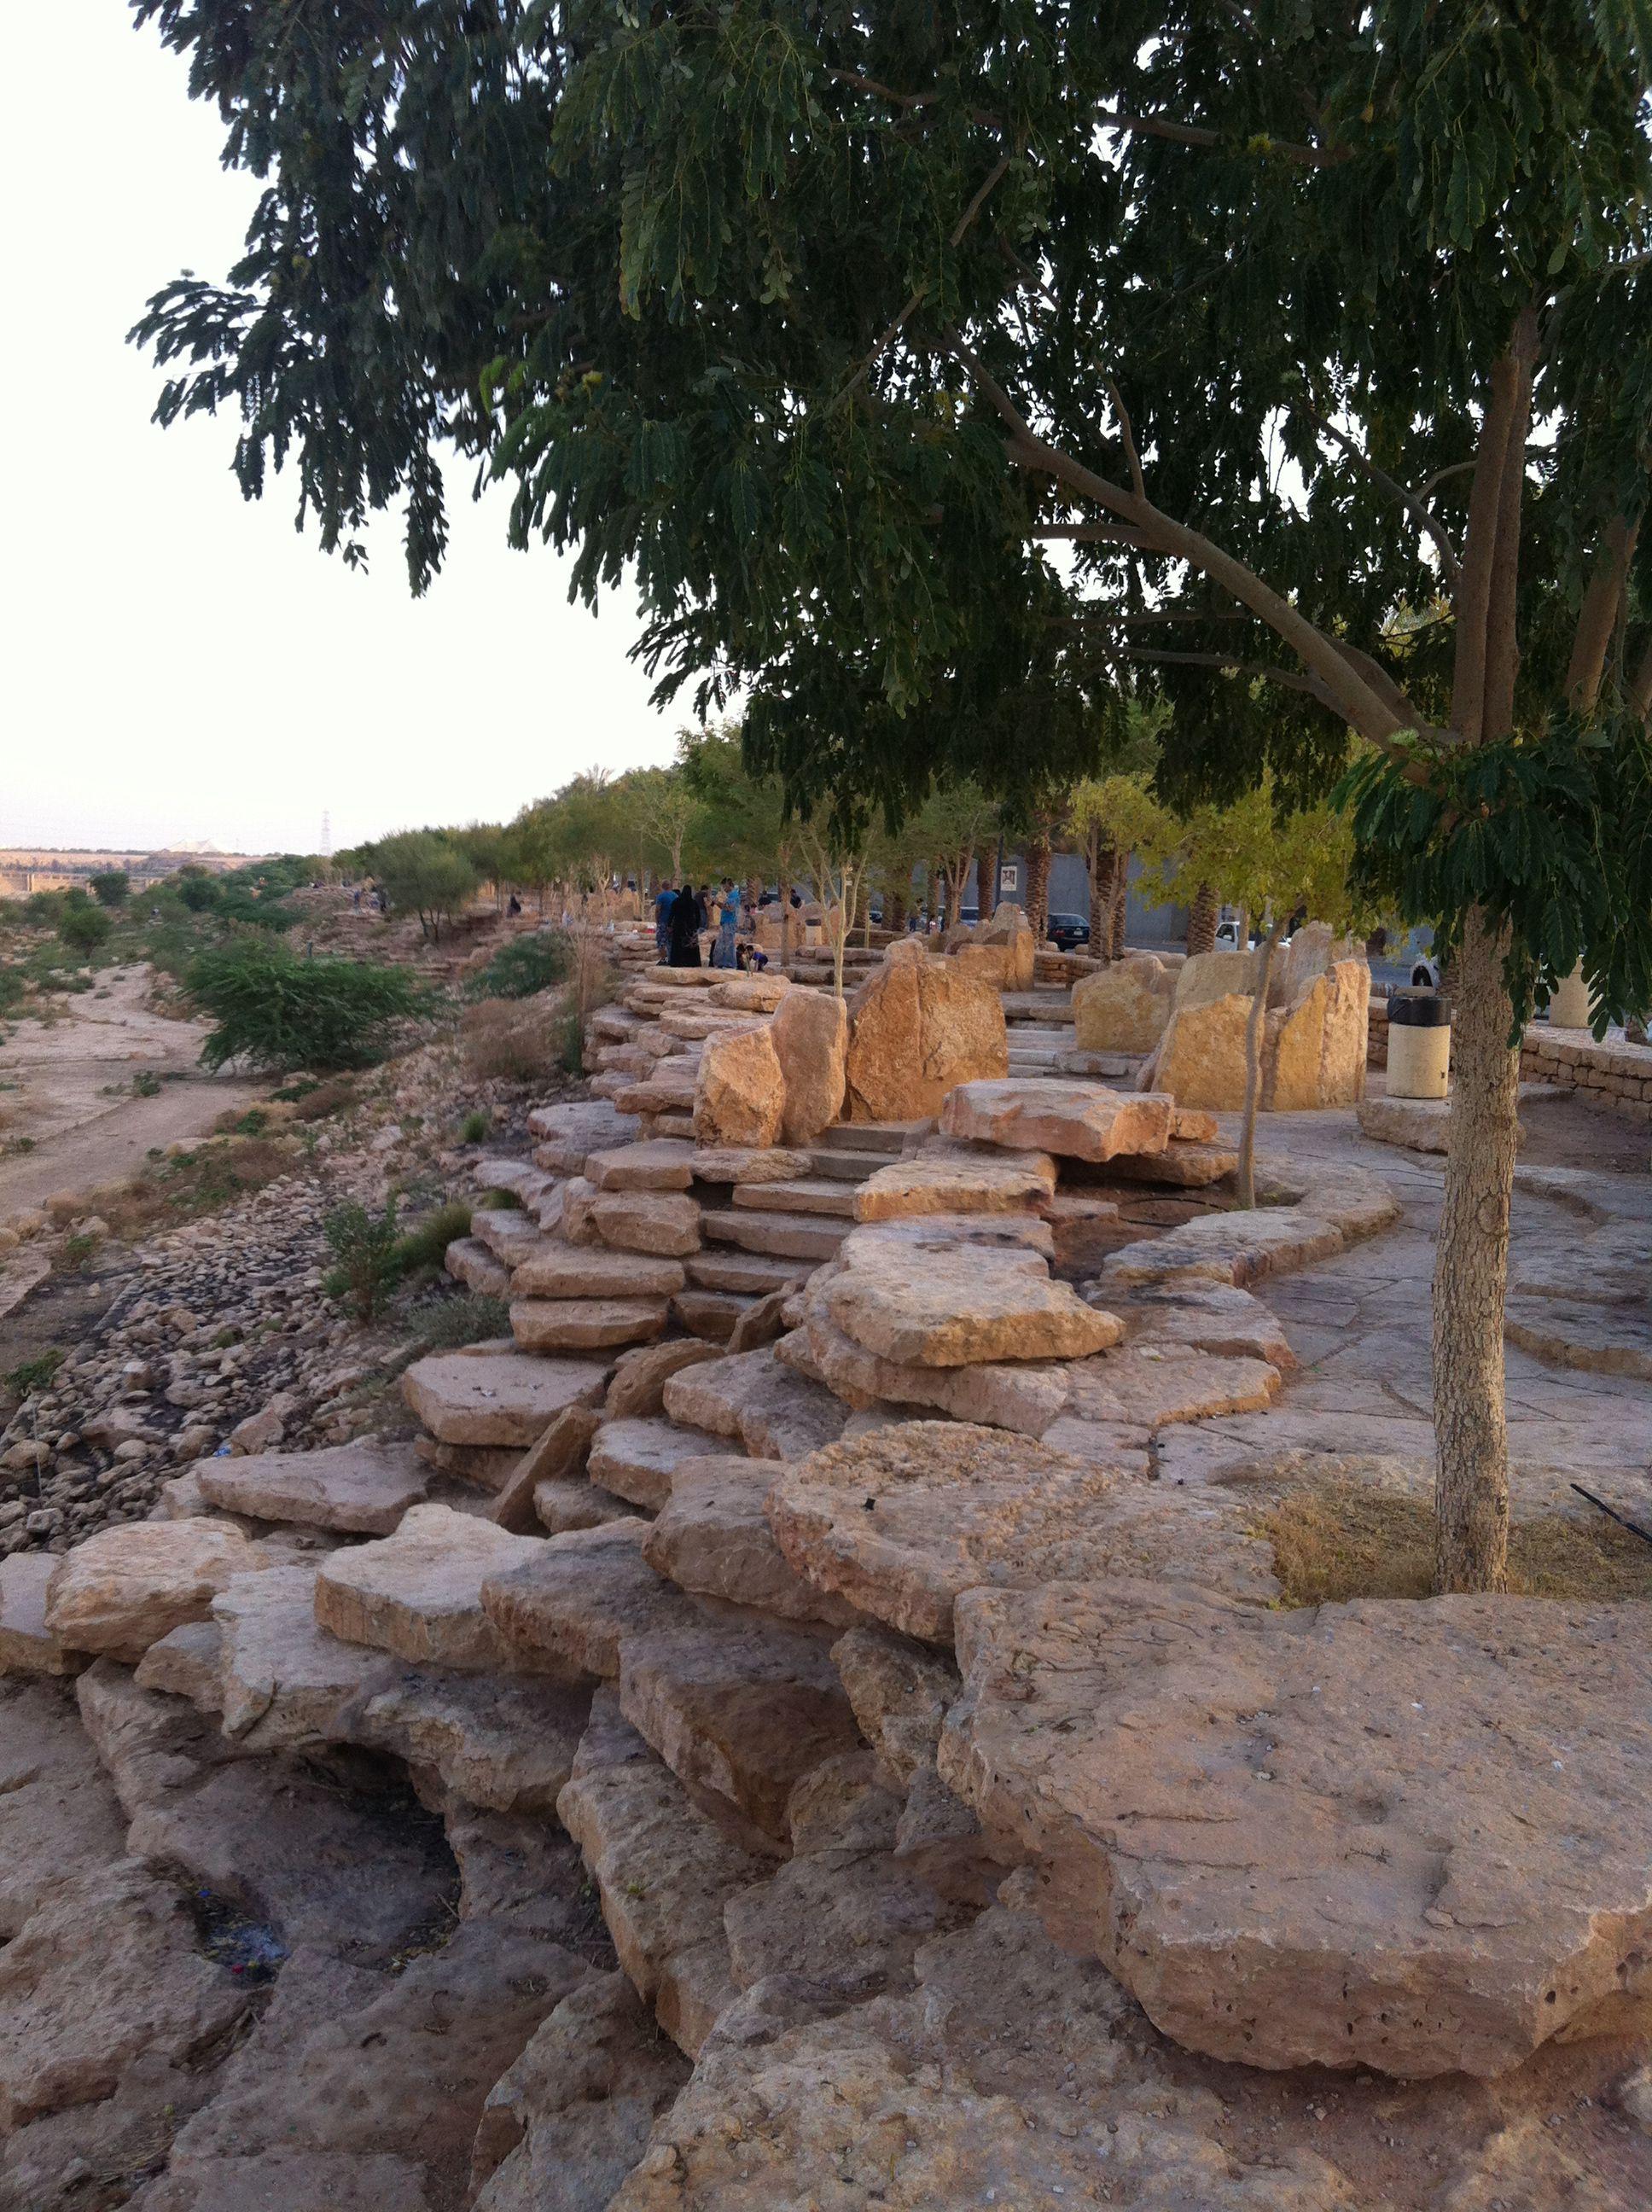 منتزة سد العلب Desert Landscaping Garden Pictures Islamic Heritage